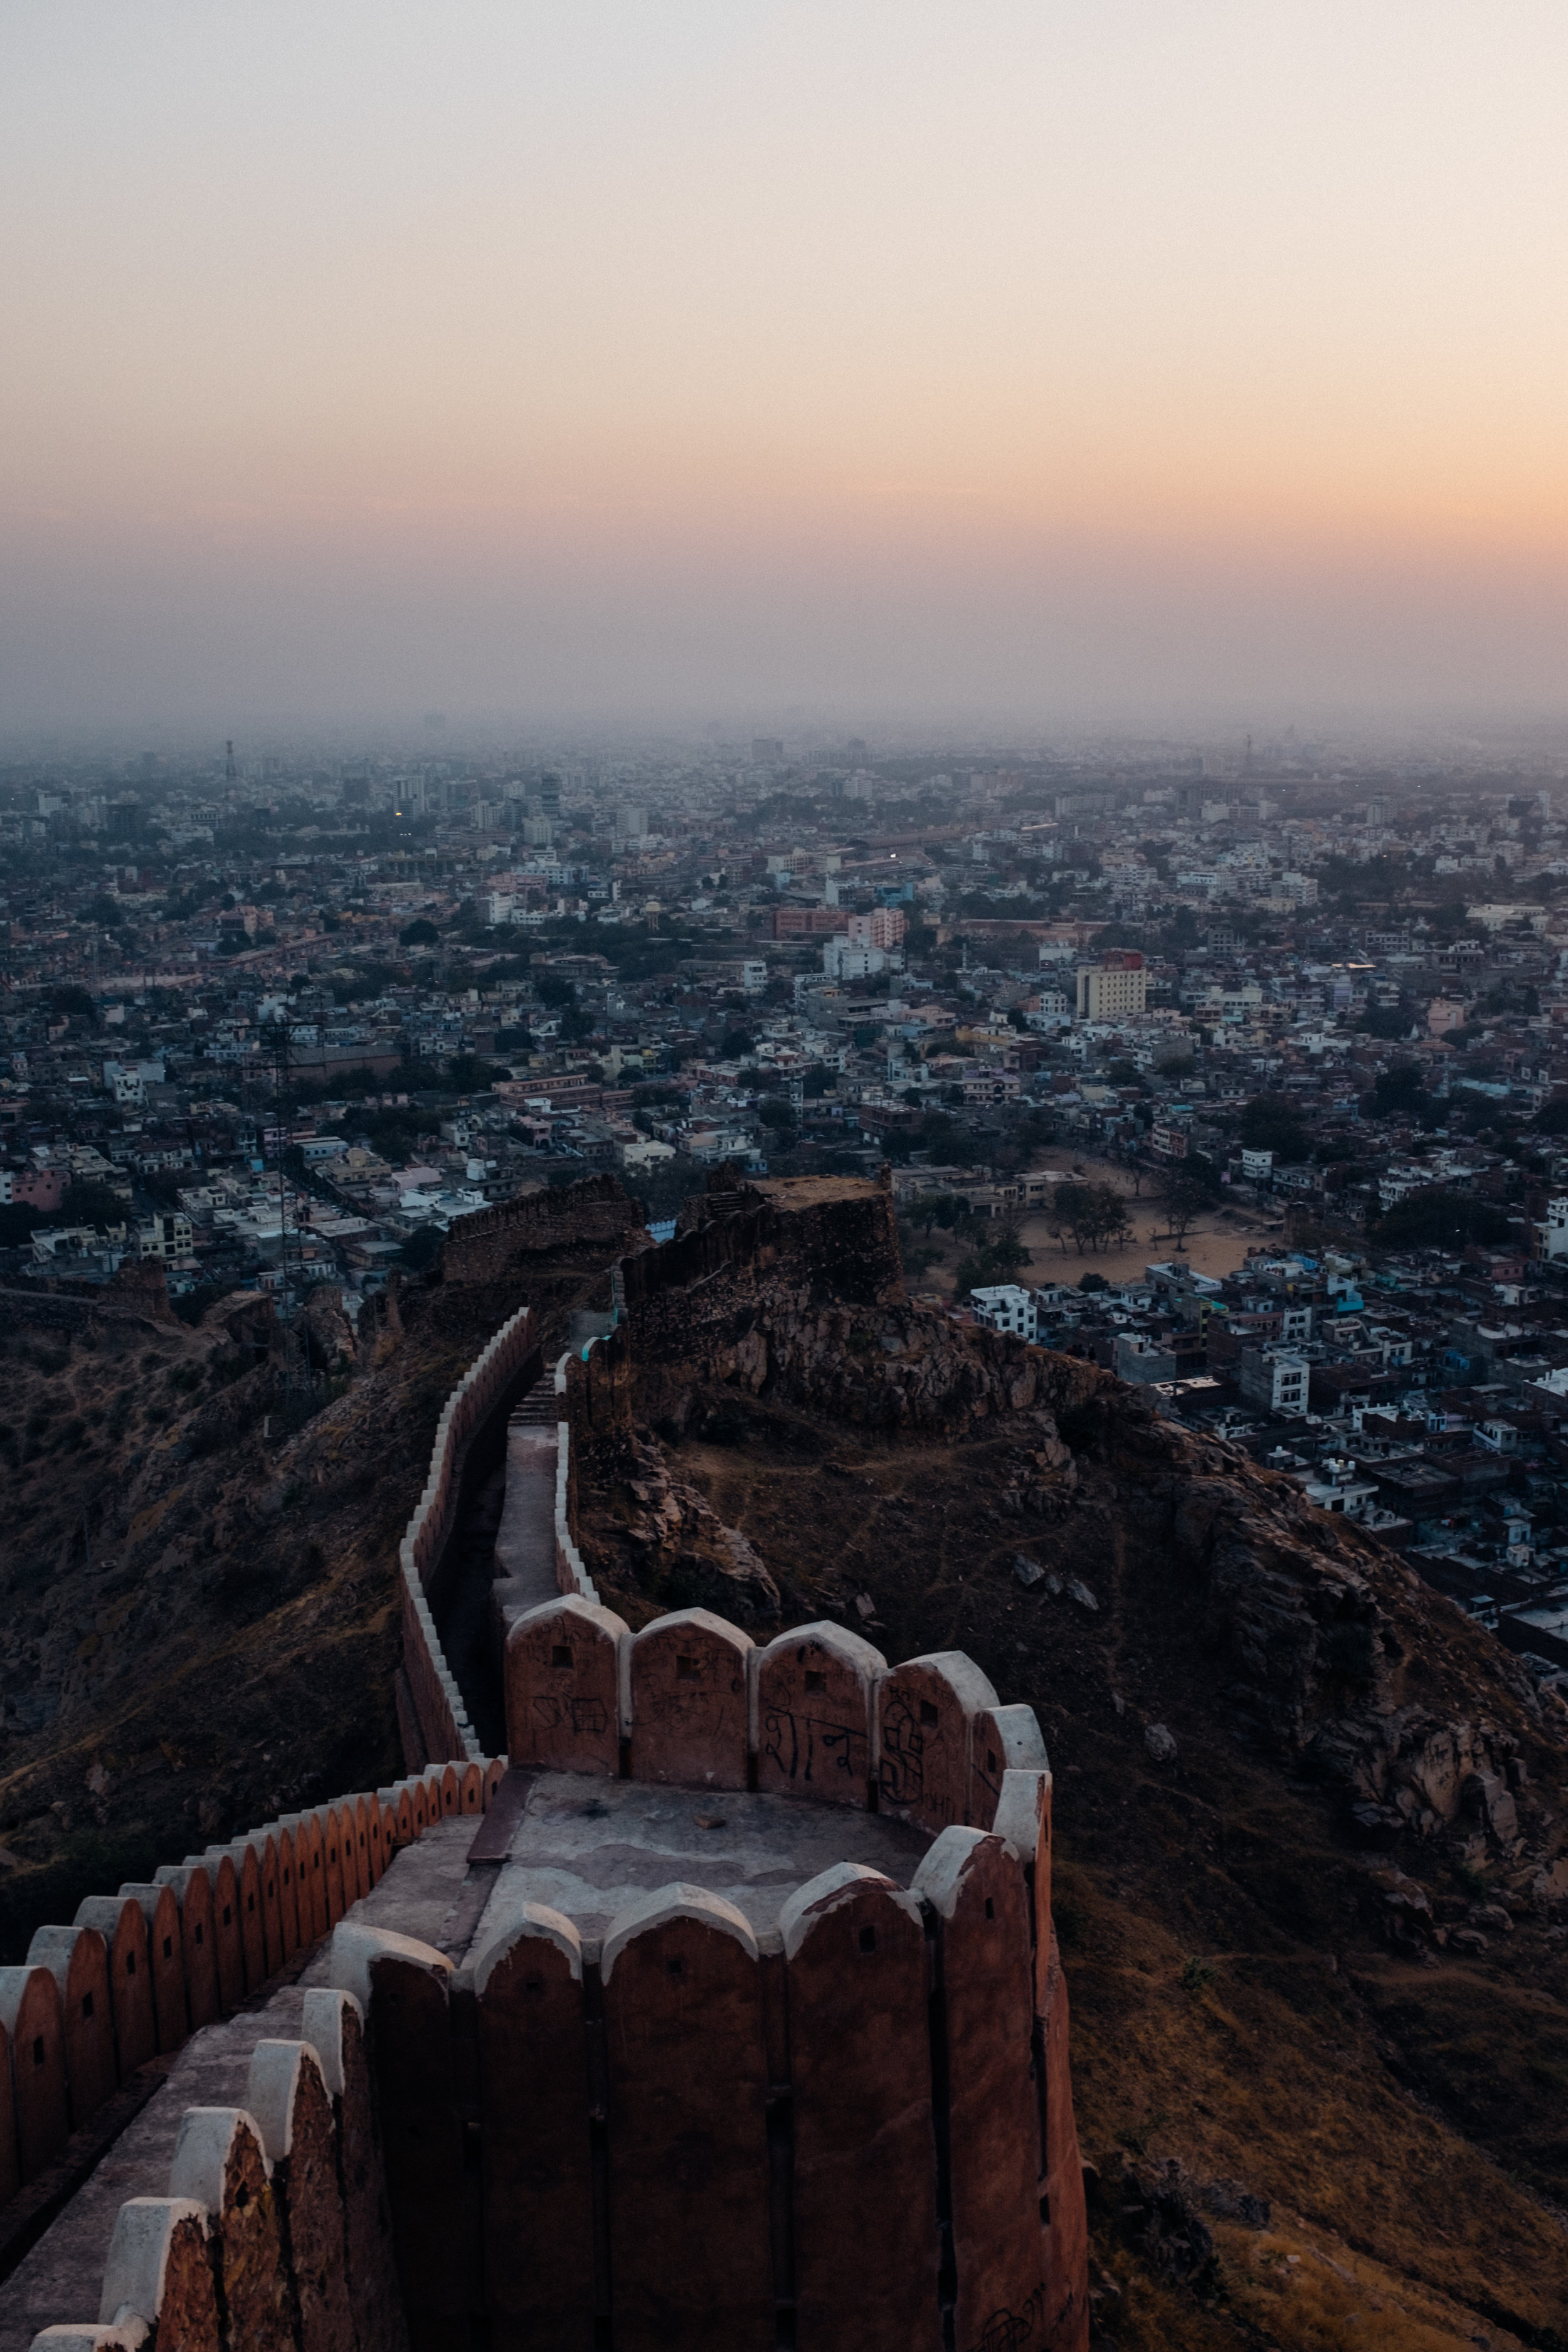 Nahargarh Fort overlooking the city